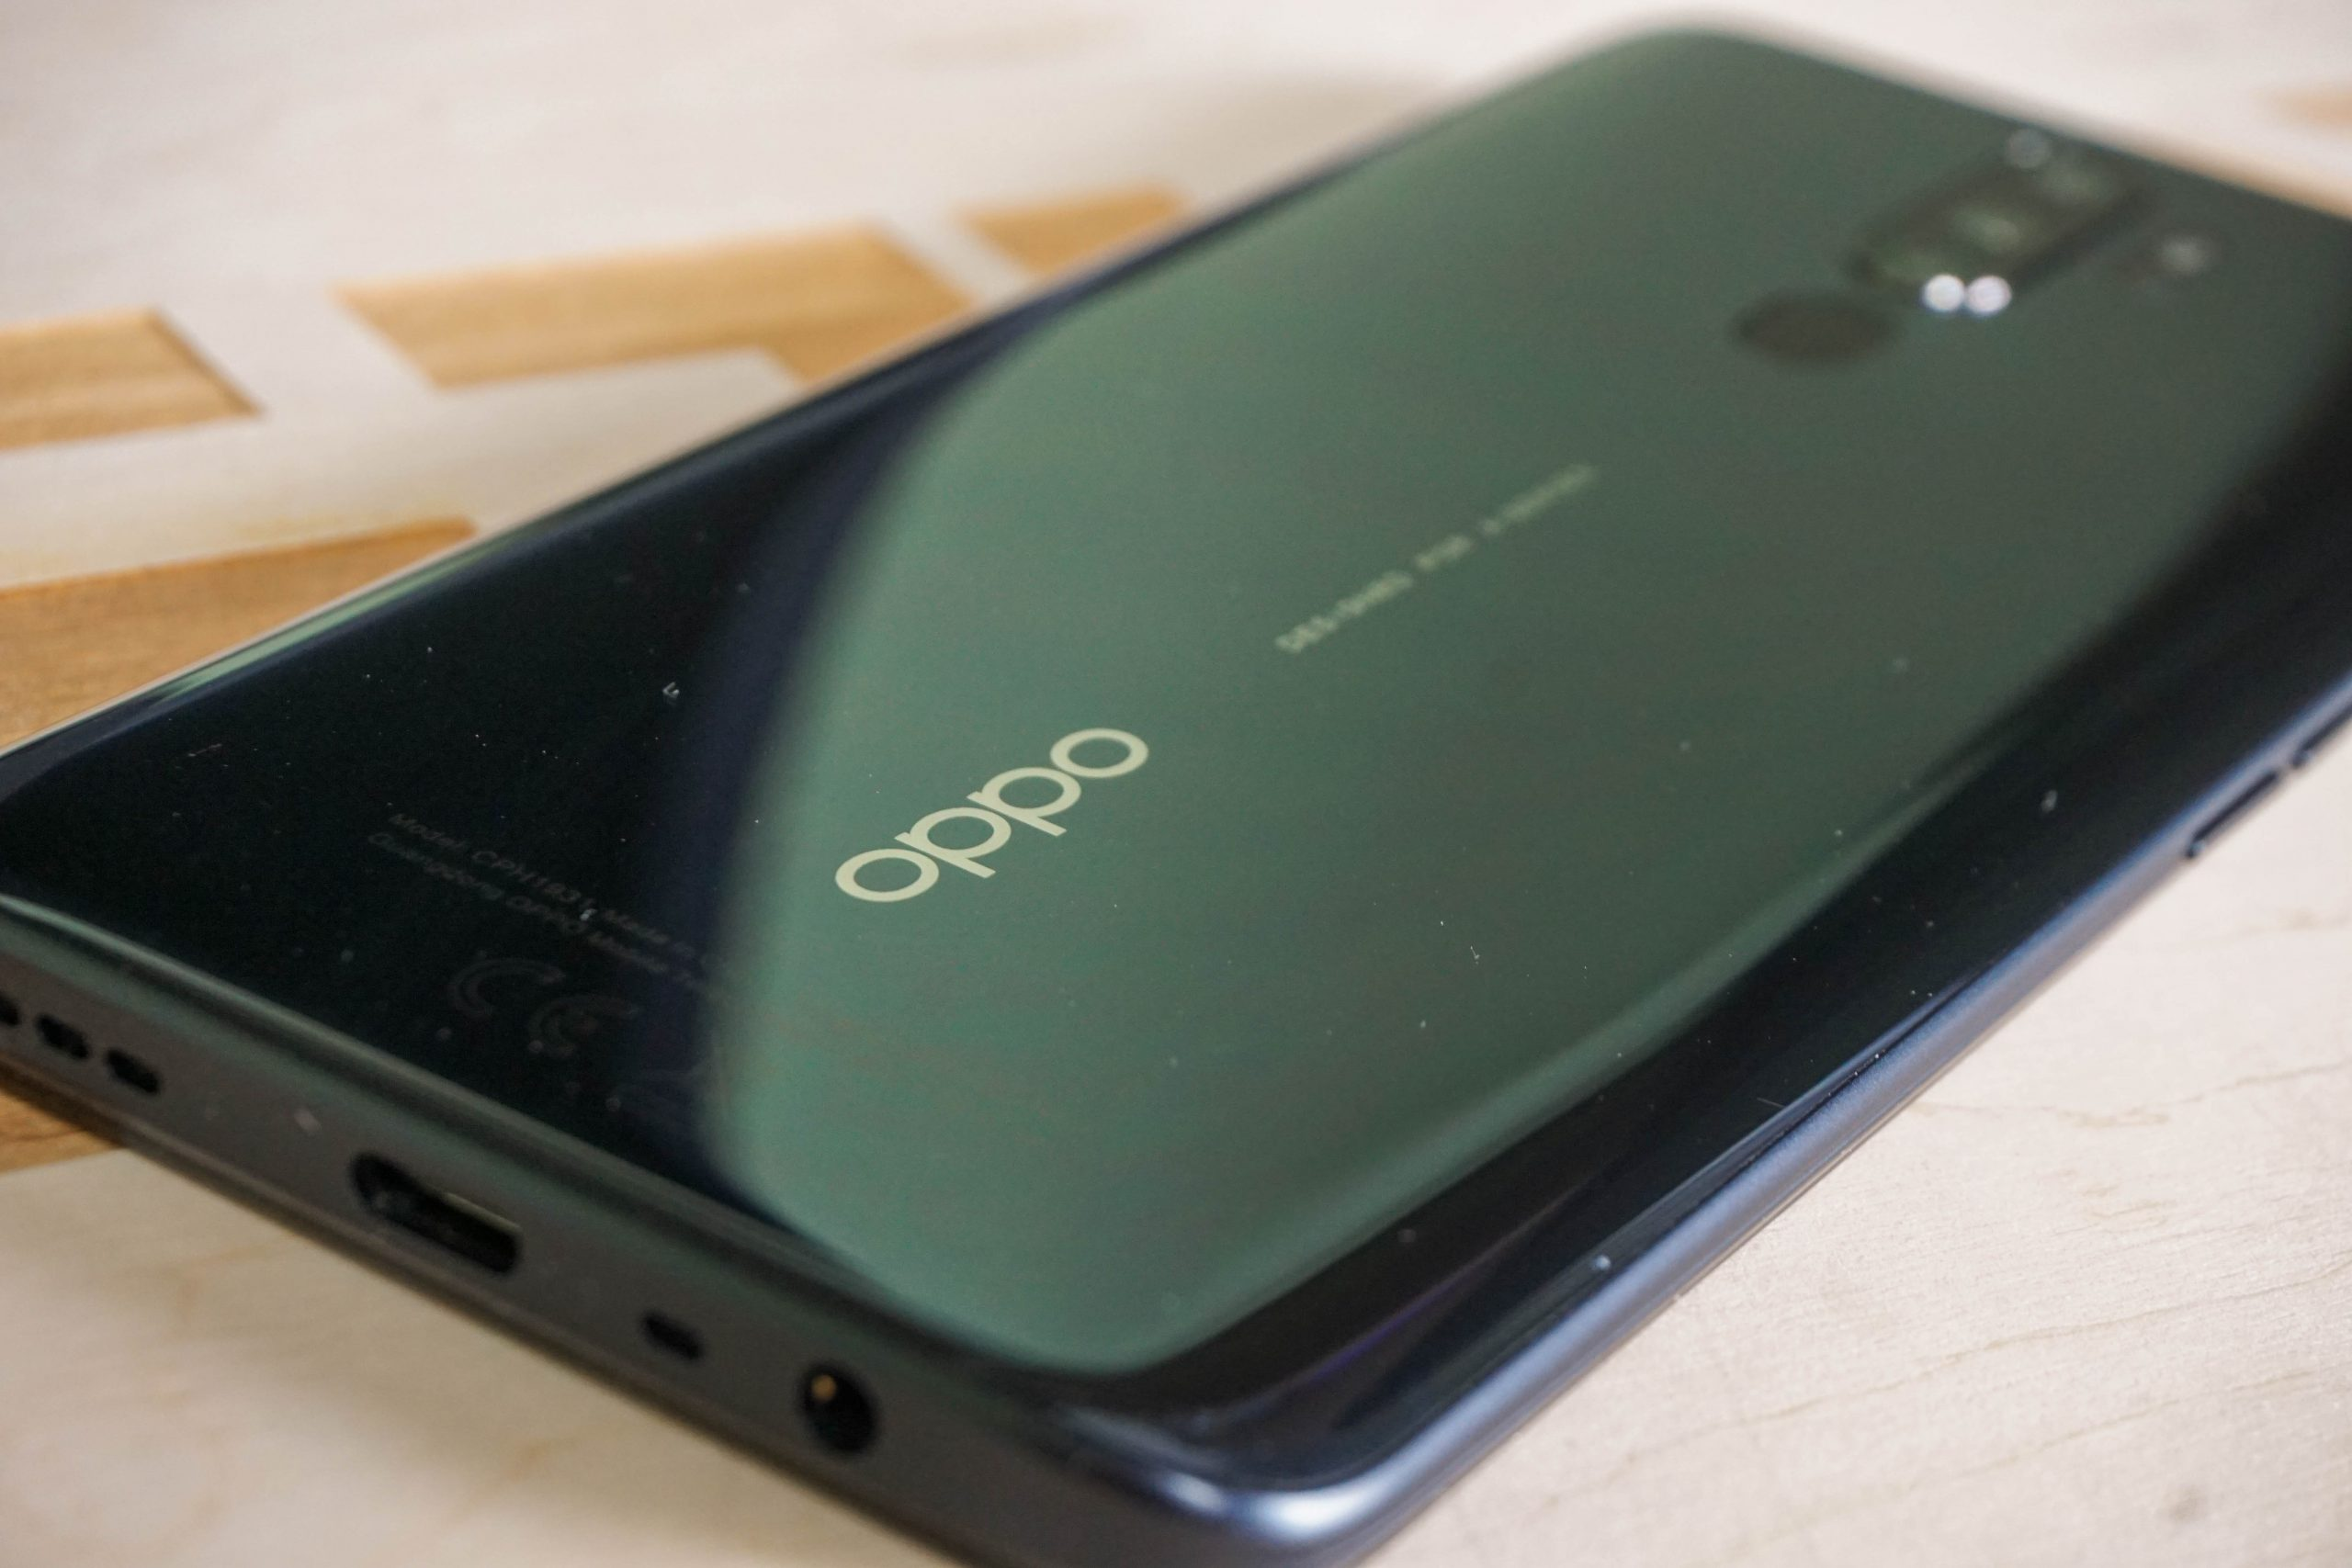 Oppo chce stworzyć własny SoC do urządzeń mobilnych. Oby nie skończył jak procesor Xiaomi